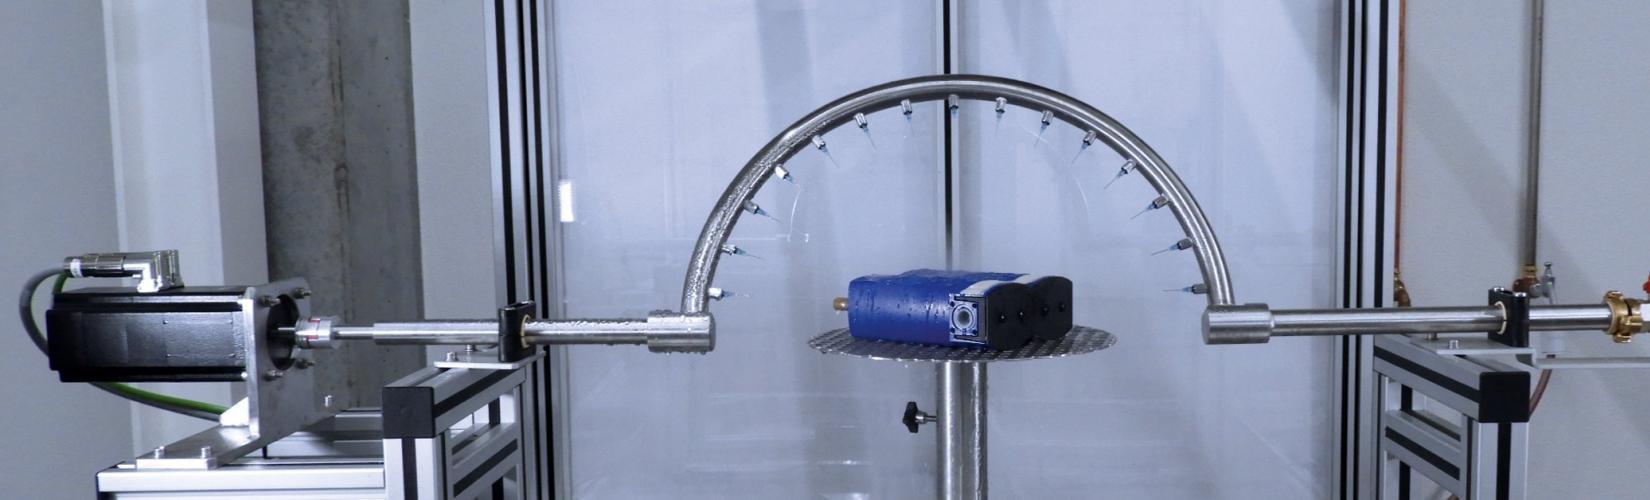 Wassertest mit Prüfling